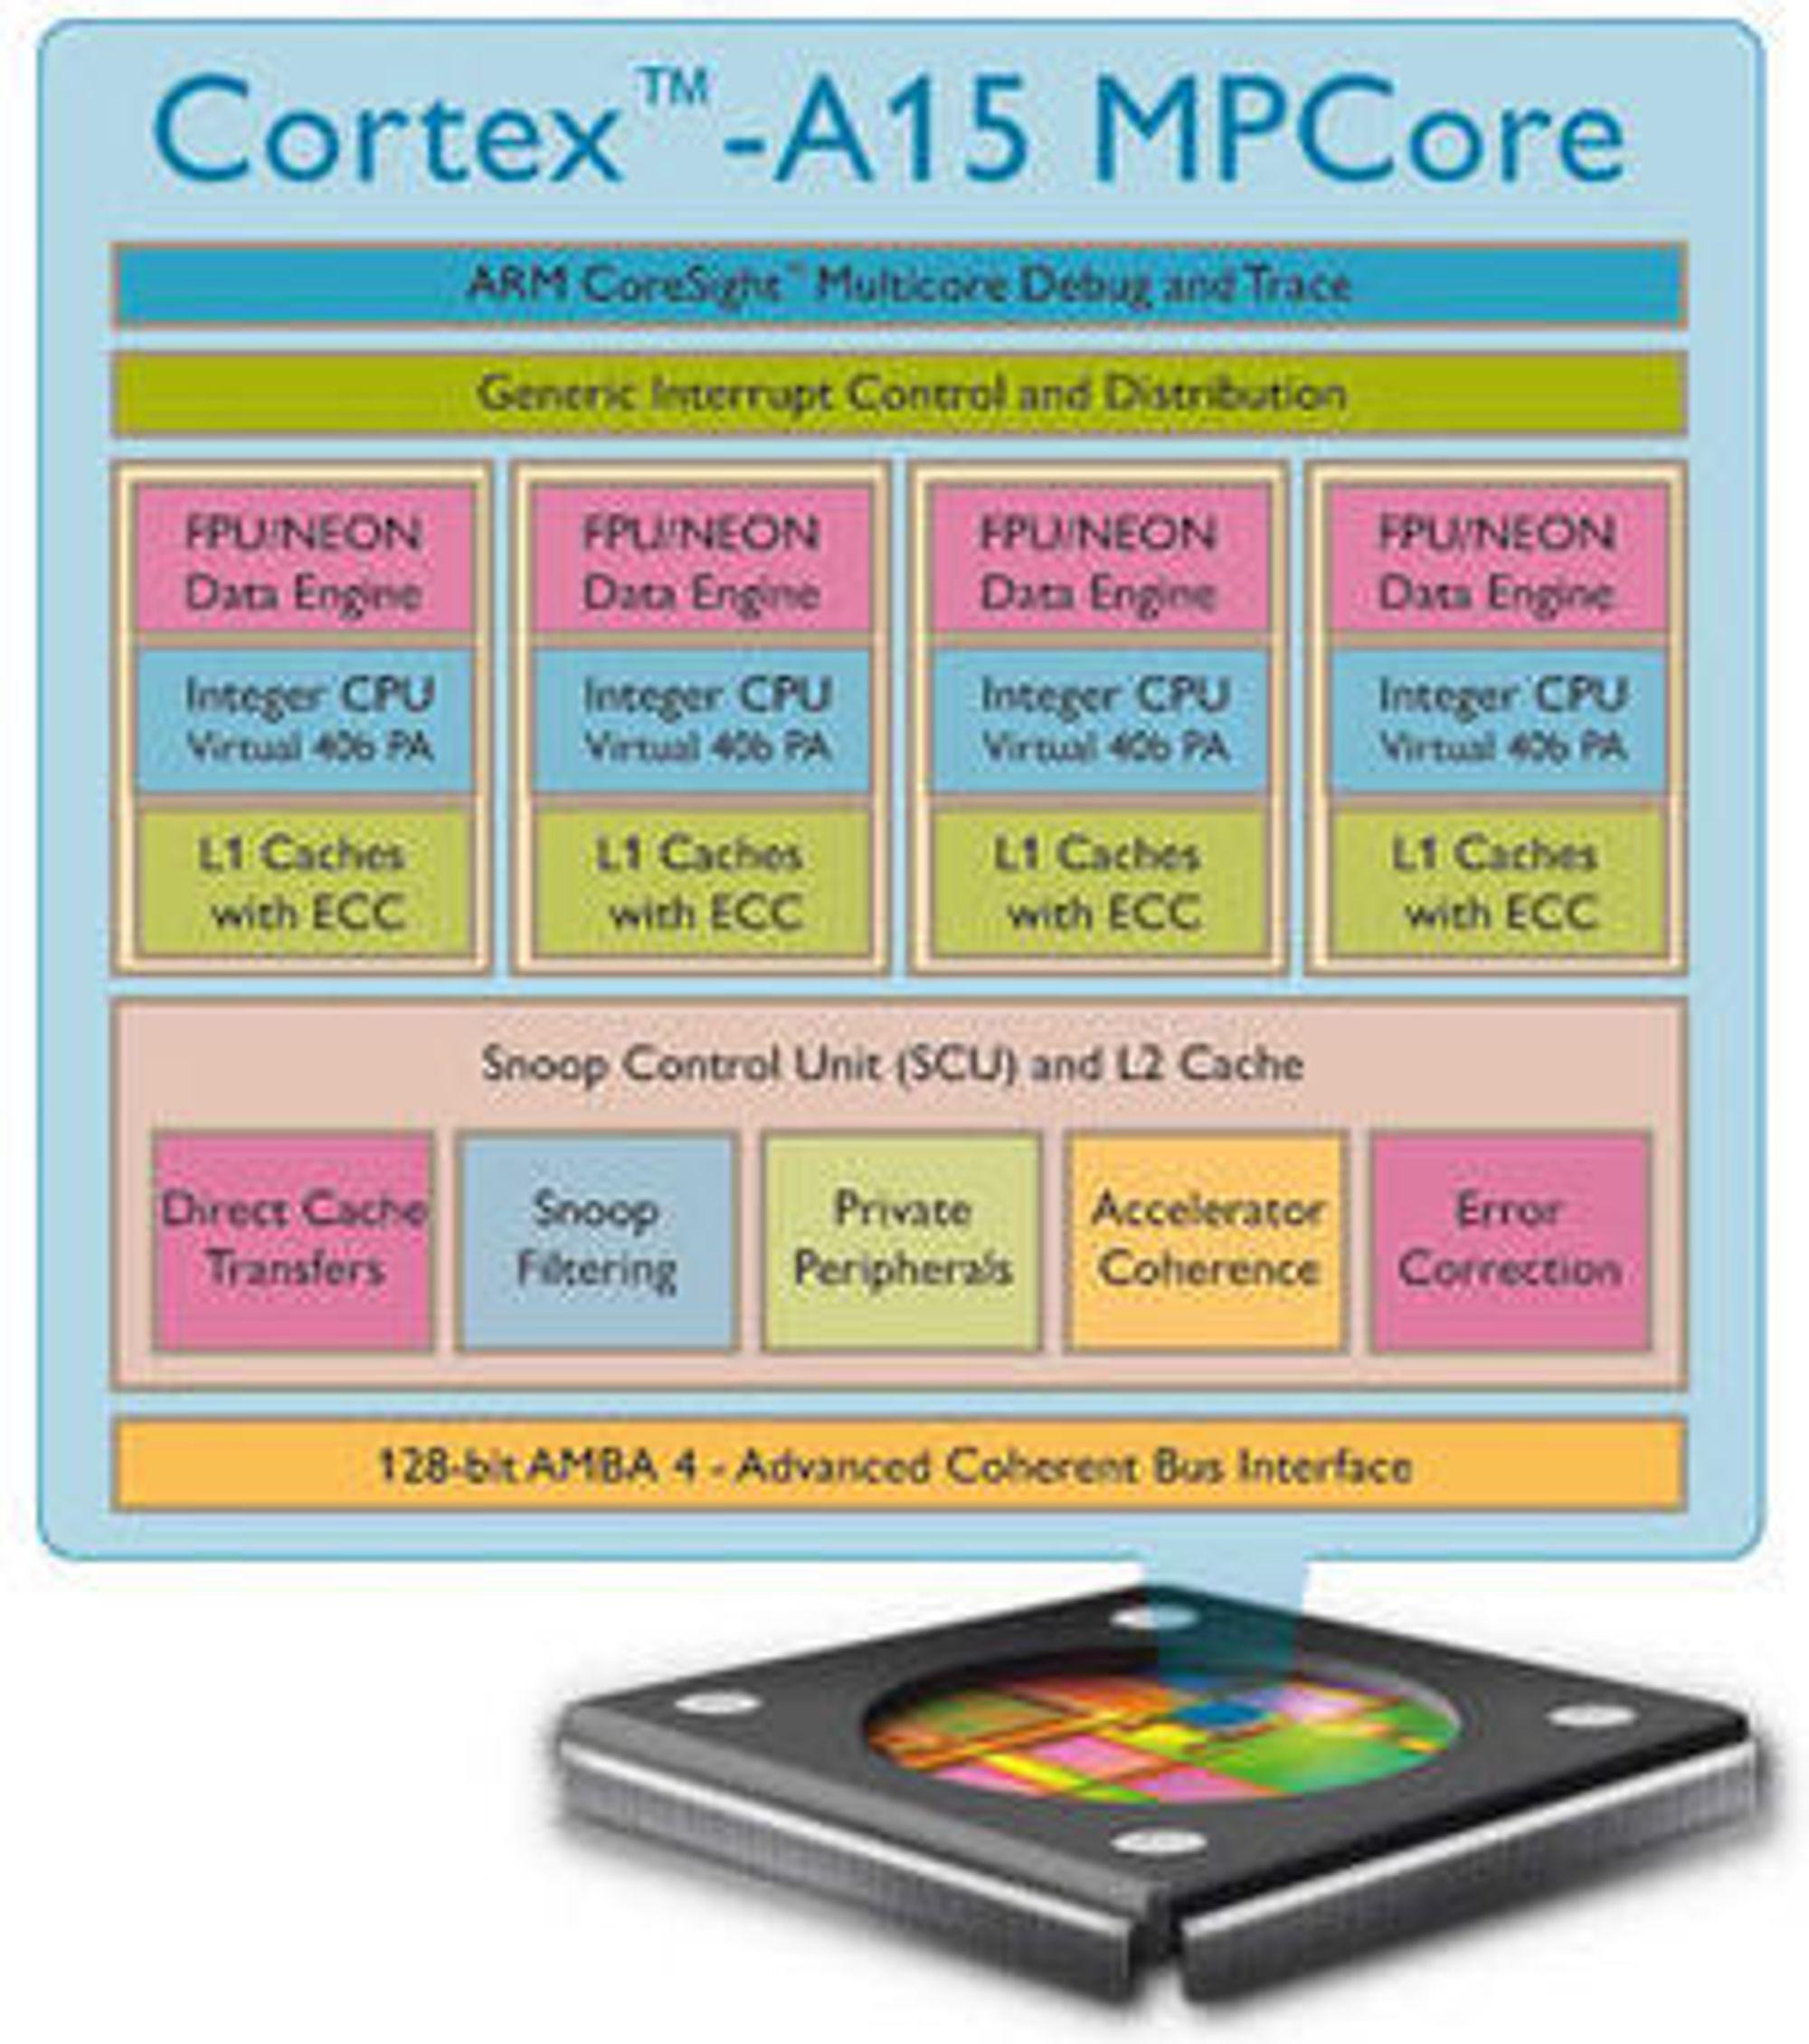 Plansje over de viktigste komponentene i ARMs Cortex-A15 MPCore-prosessordesign.